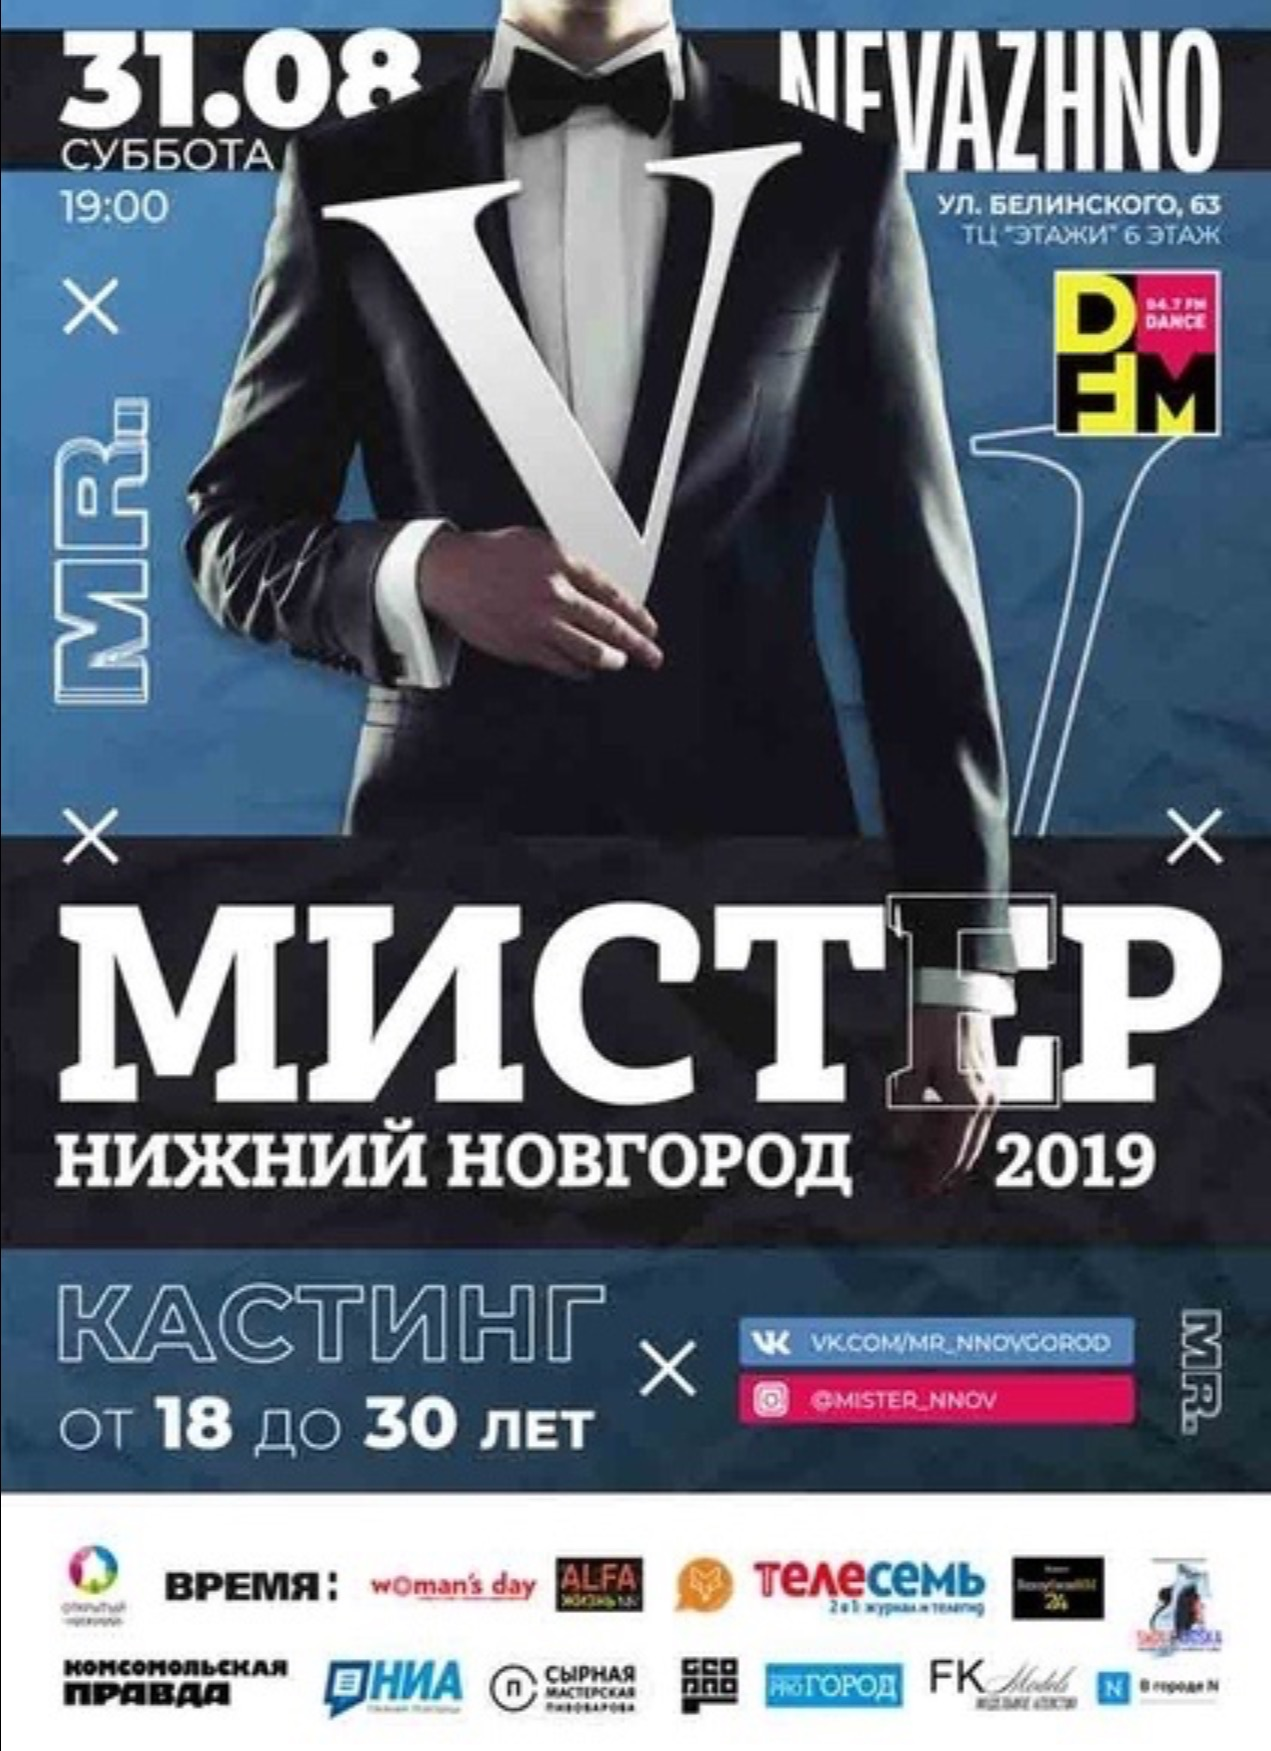 МИСТЕР НИЖНИЙ НОВГОРОД 2019